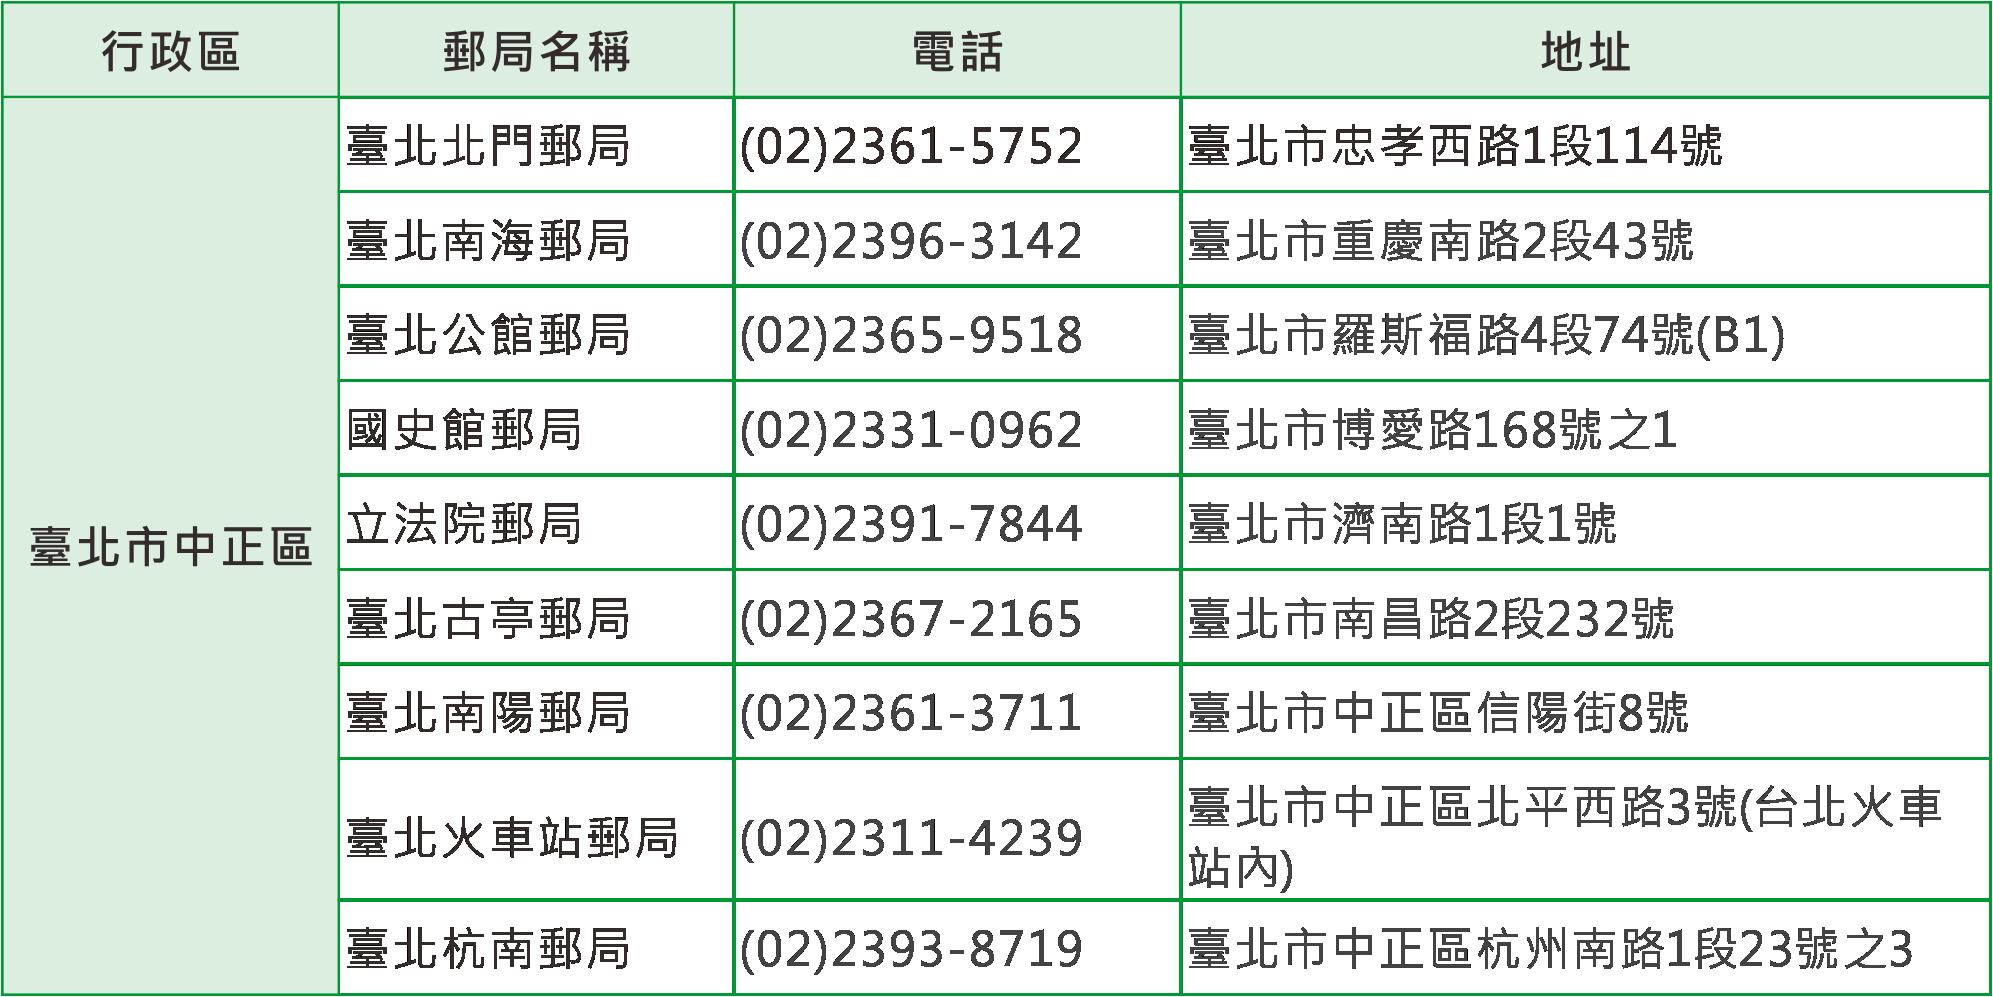 受理預約服務郵局(中正區)